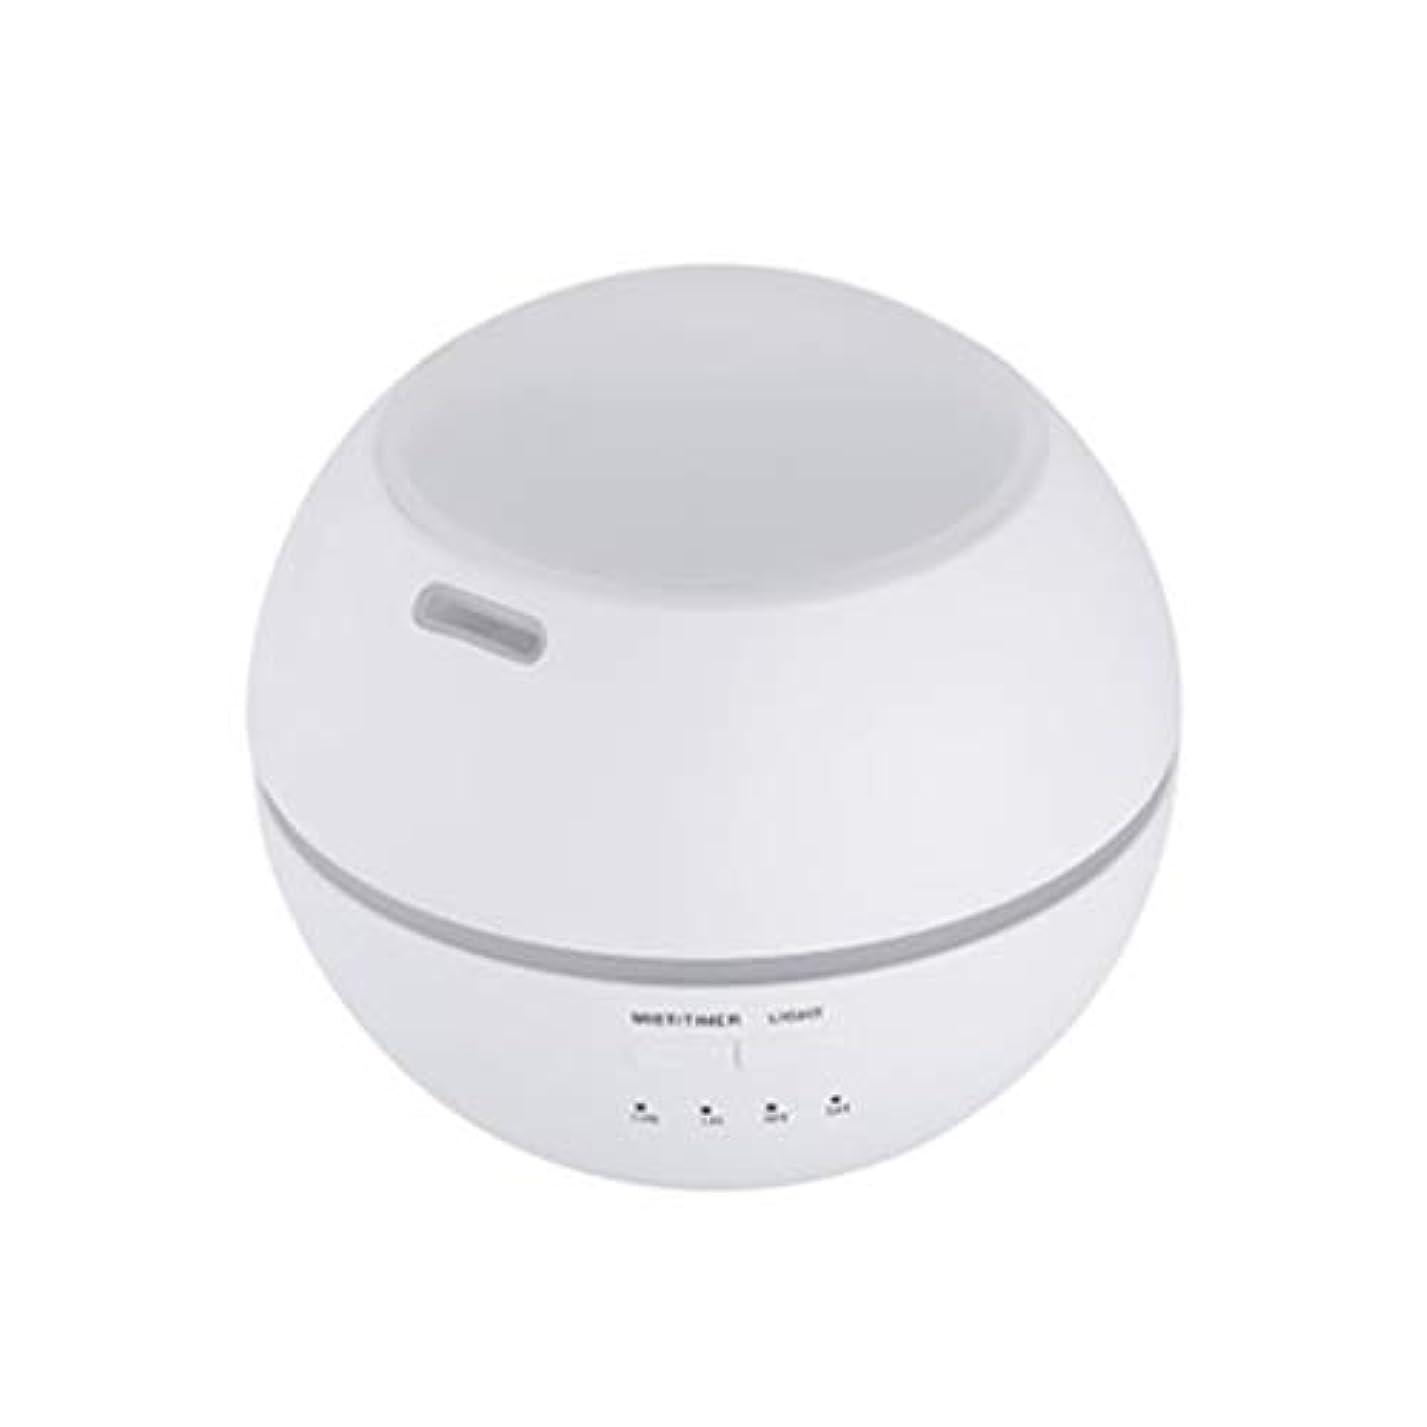 転倒抗生物質昇るマルチライトマシンクリエイティブ超音波加湿器ランプ家庭用必須ディフューザーギフト (Color : White)